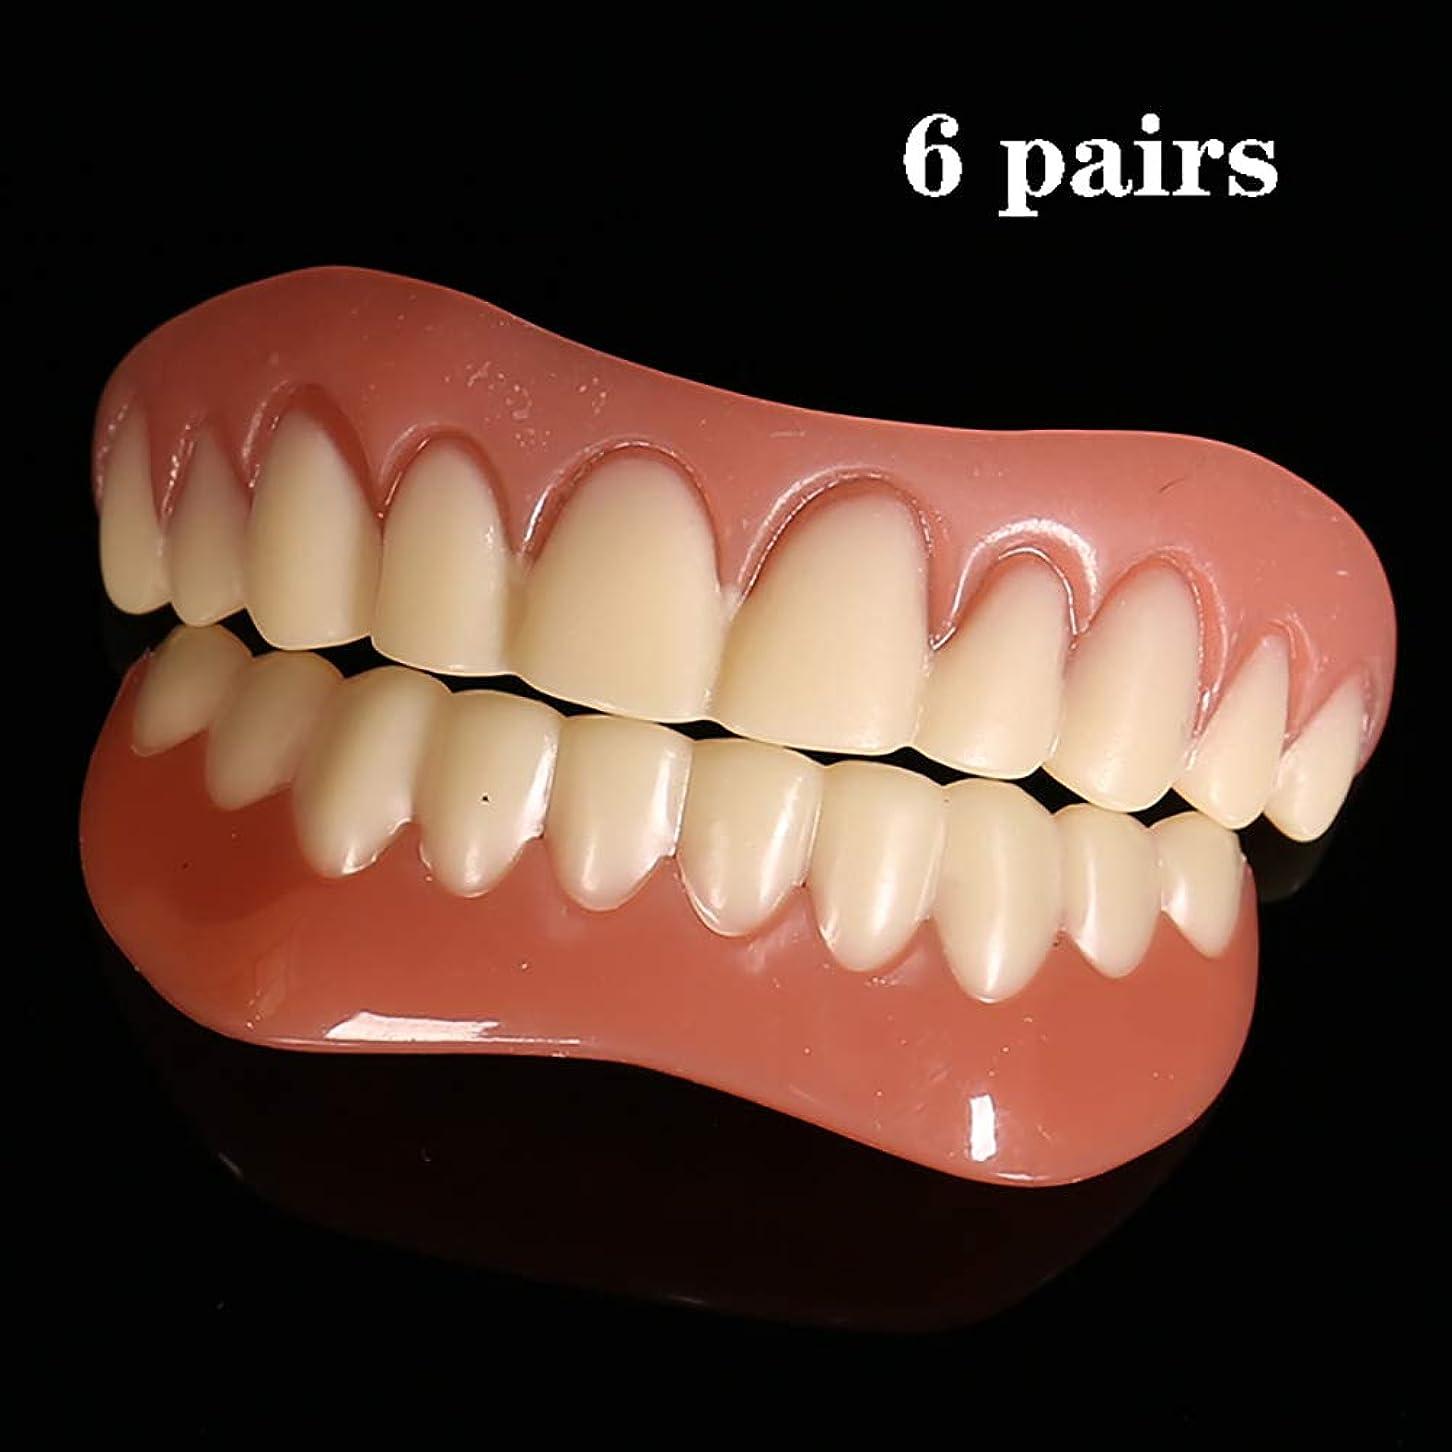 歯突き板化粧品歯スナップオンセキュア6ペア上下の快適さフィット歯突き板安全インスタントスマイル化粧品ワンサイズ